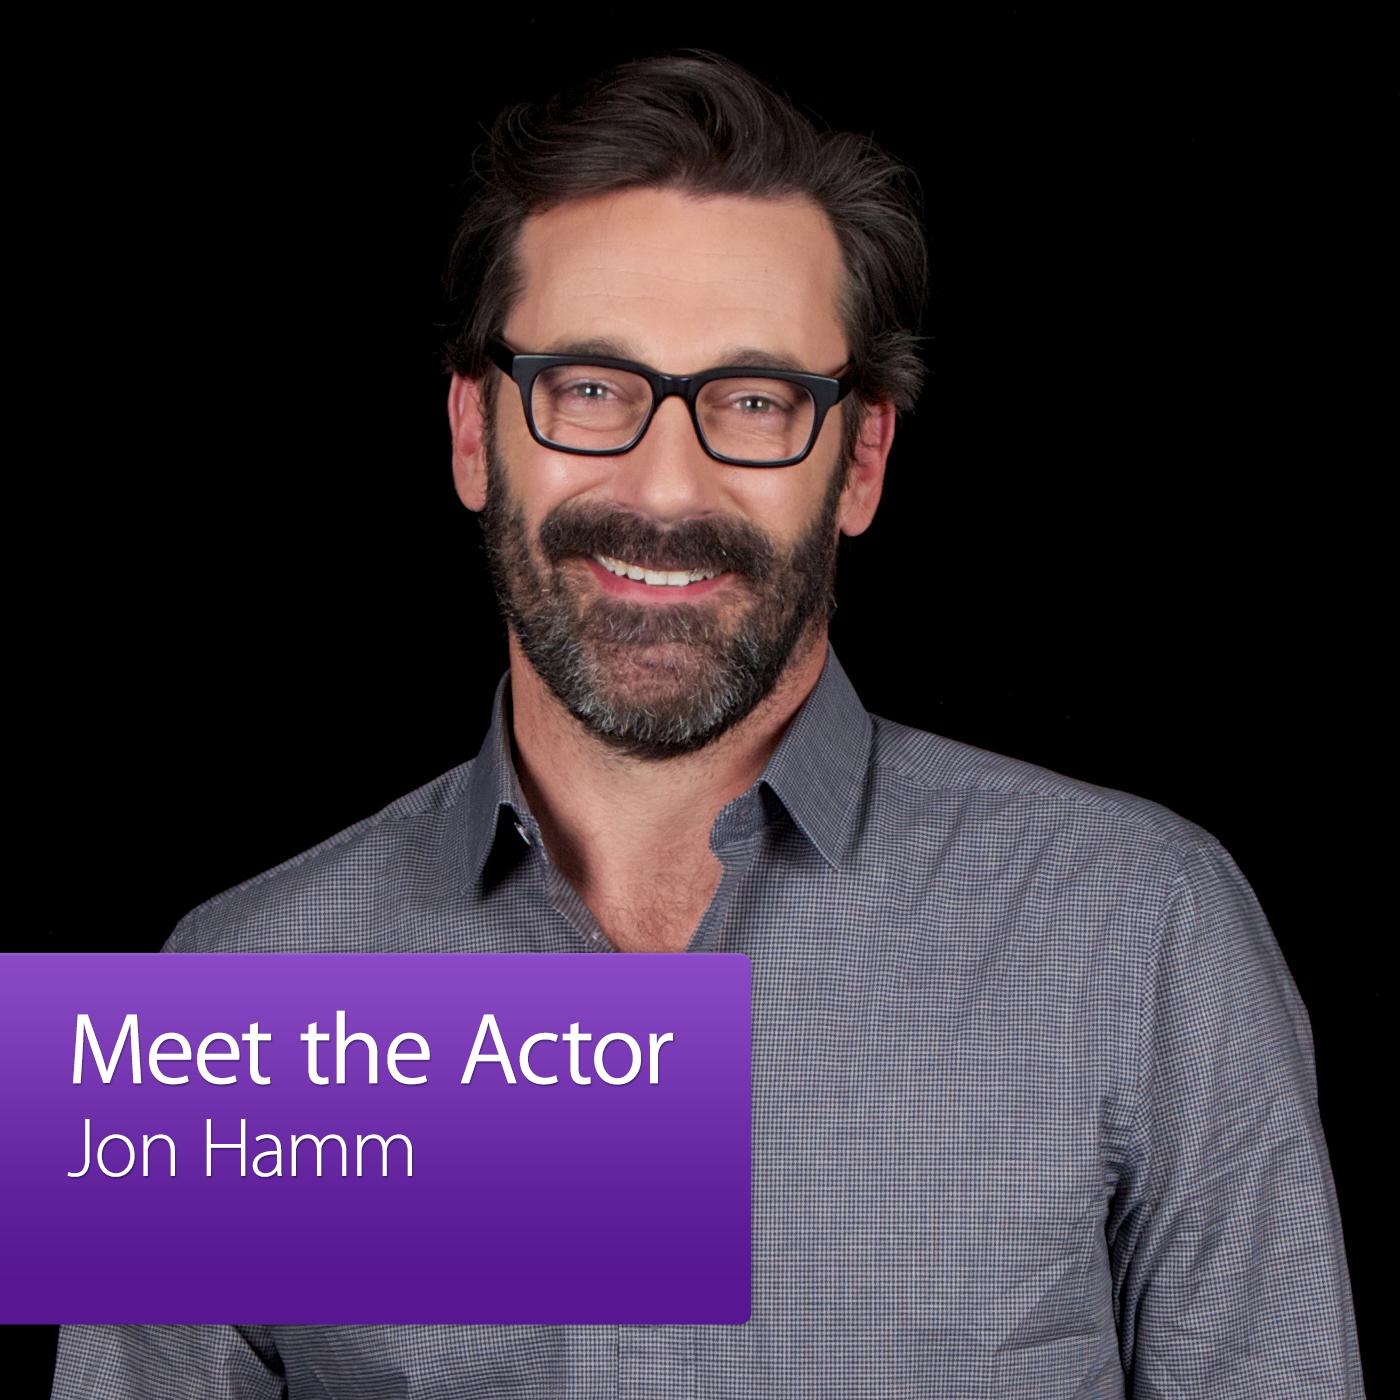 Jon Hamm: Meet the Actor